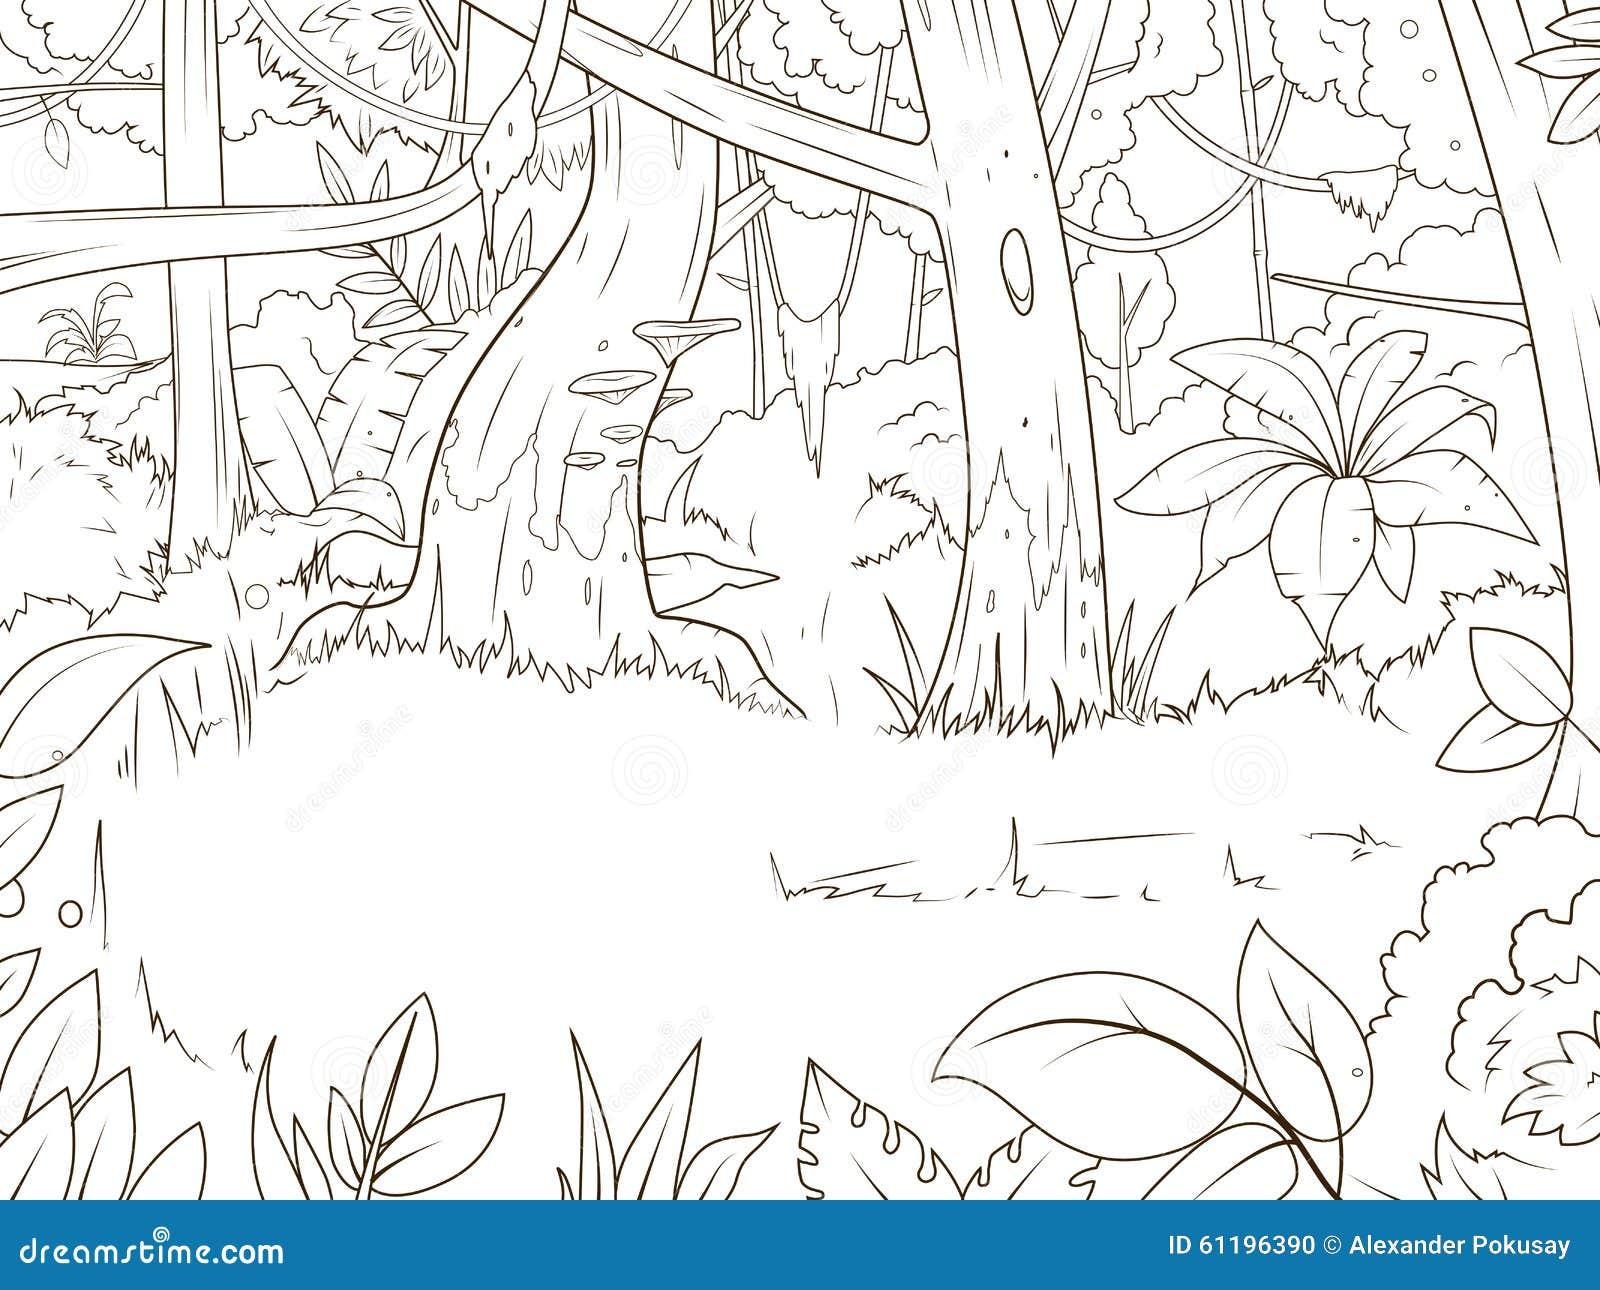 Vector Del Libro De Colorear De La Historieta Del Bosque De La Selva